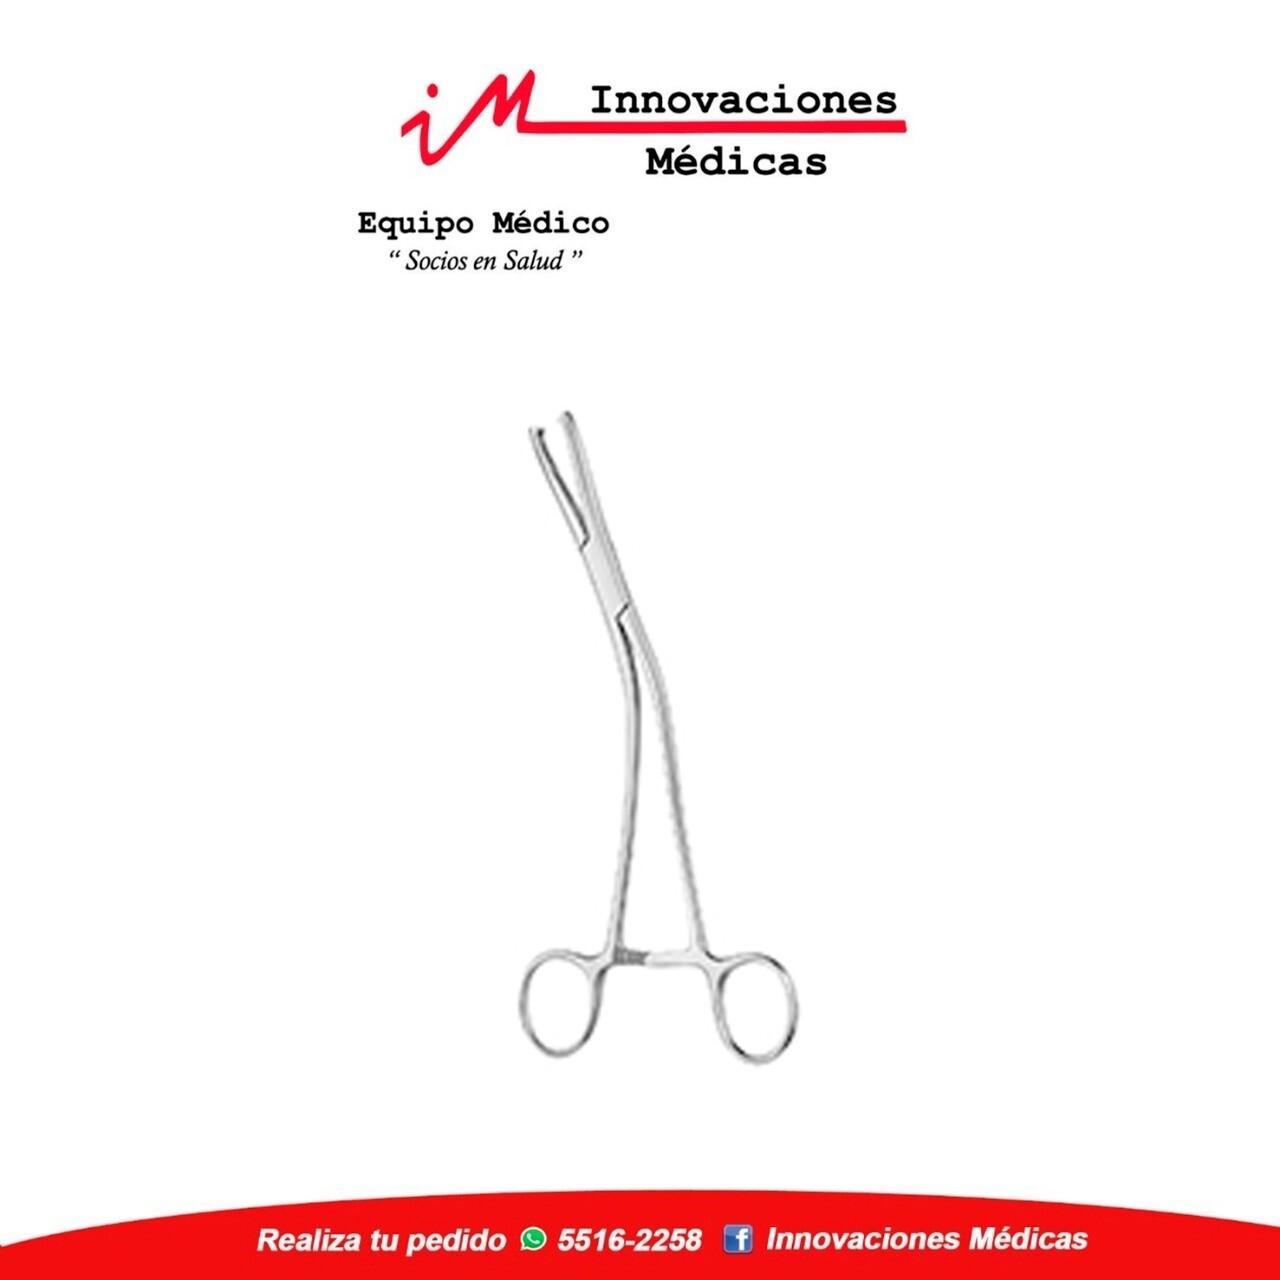 DINGMANN pinza para coger tendones, 19cm, 2x2 dientes